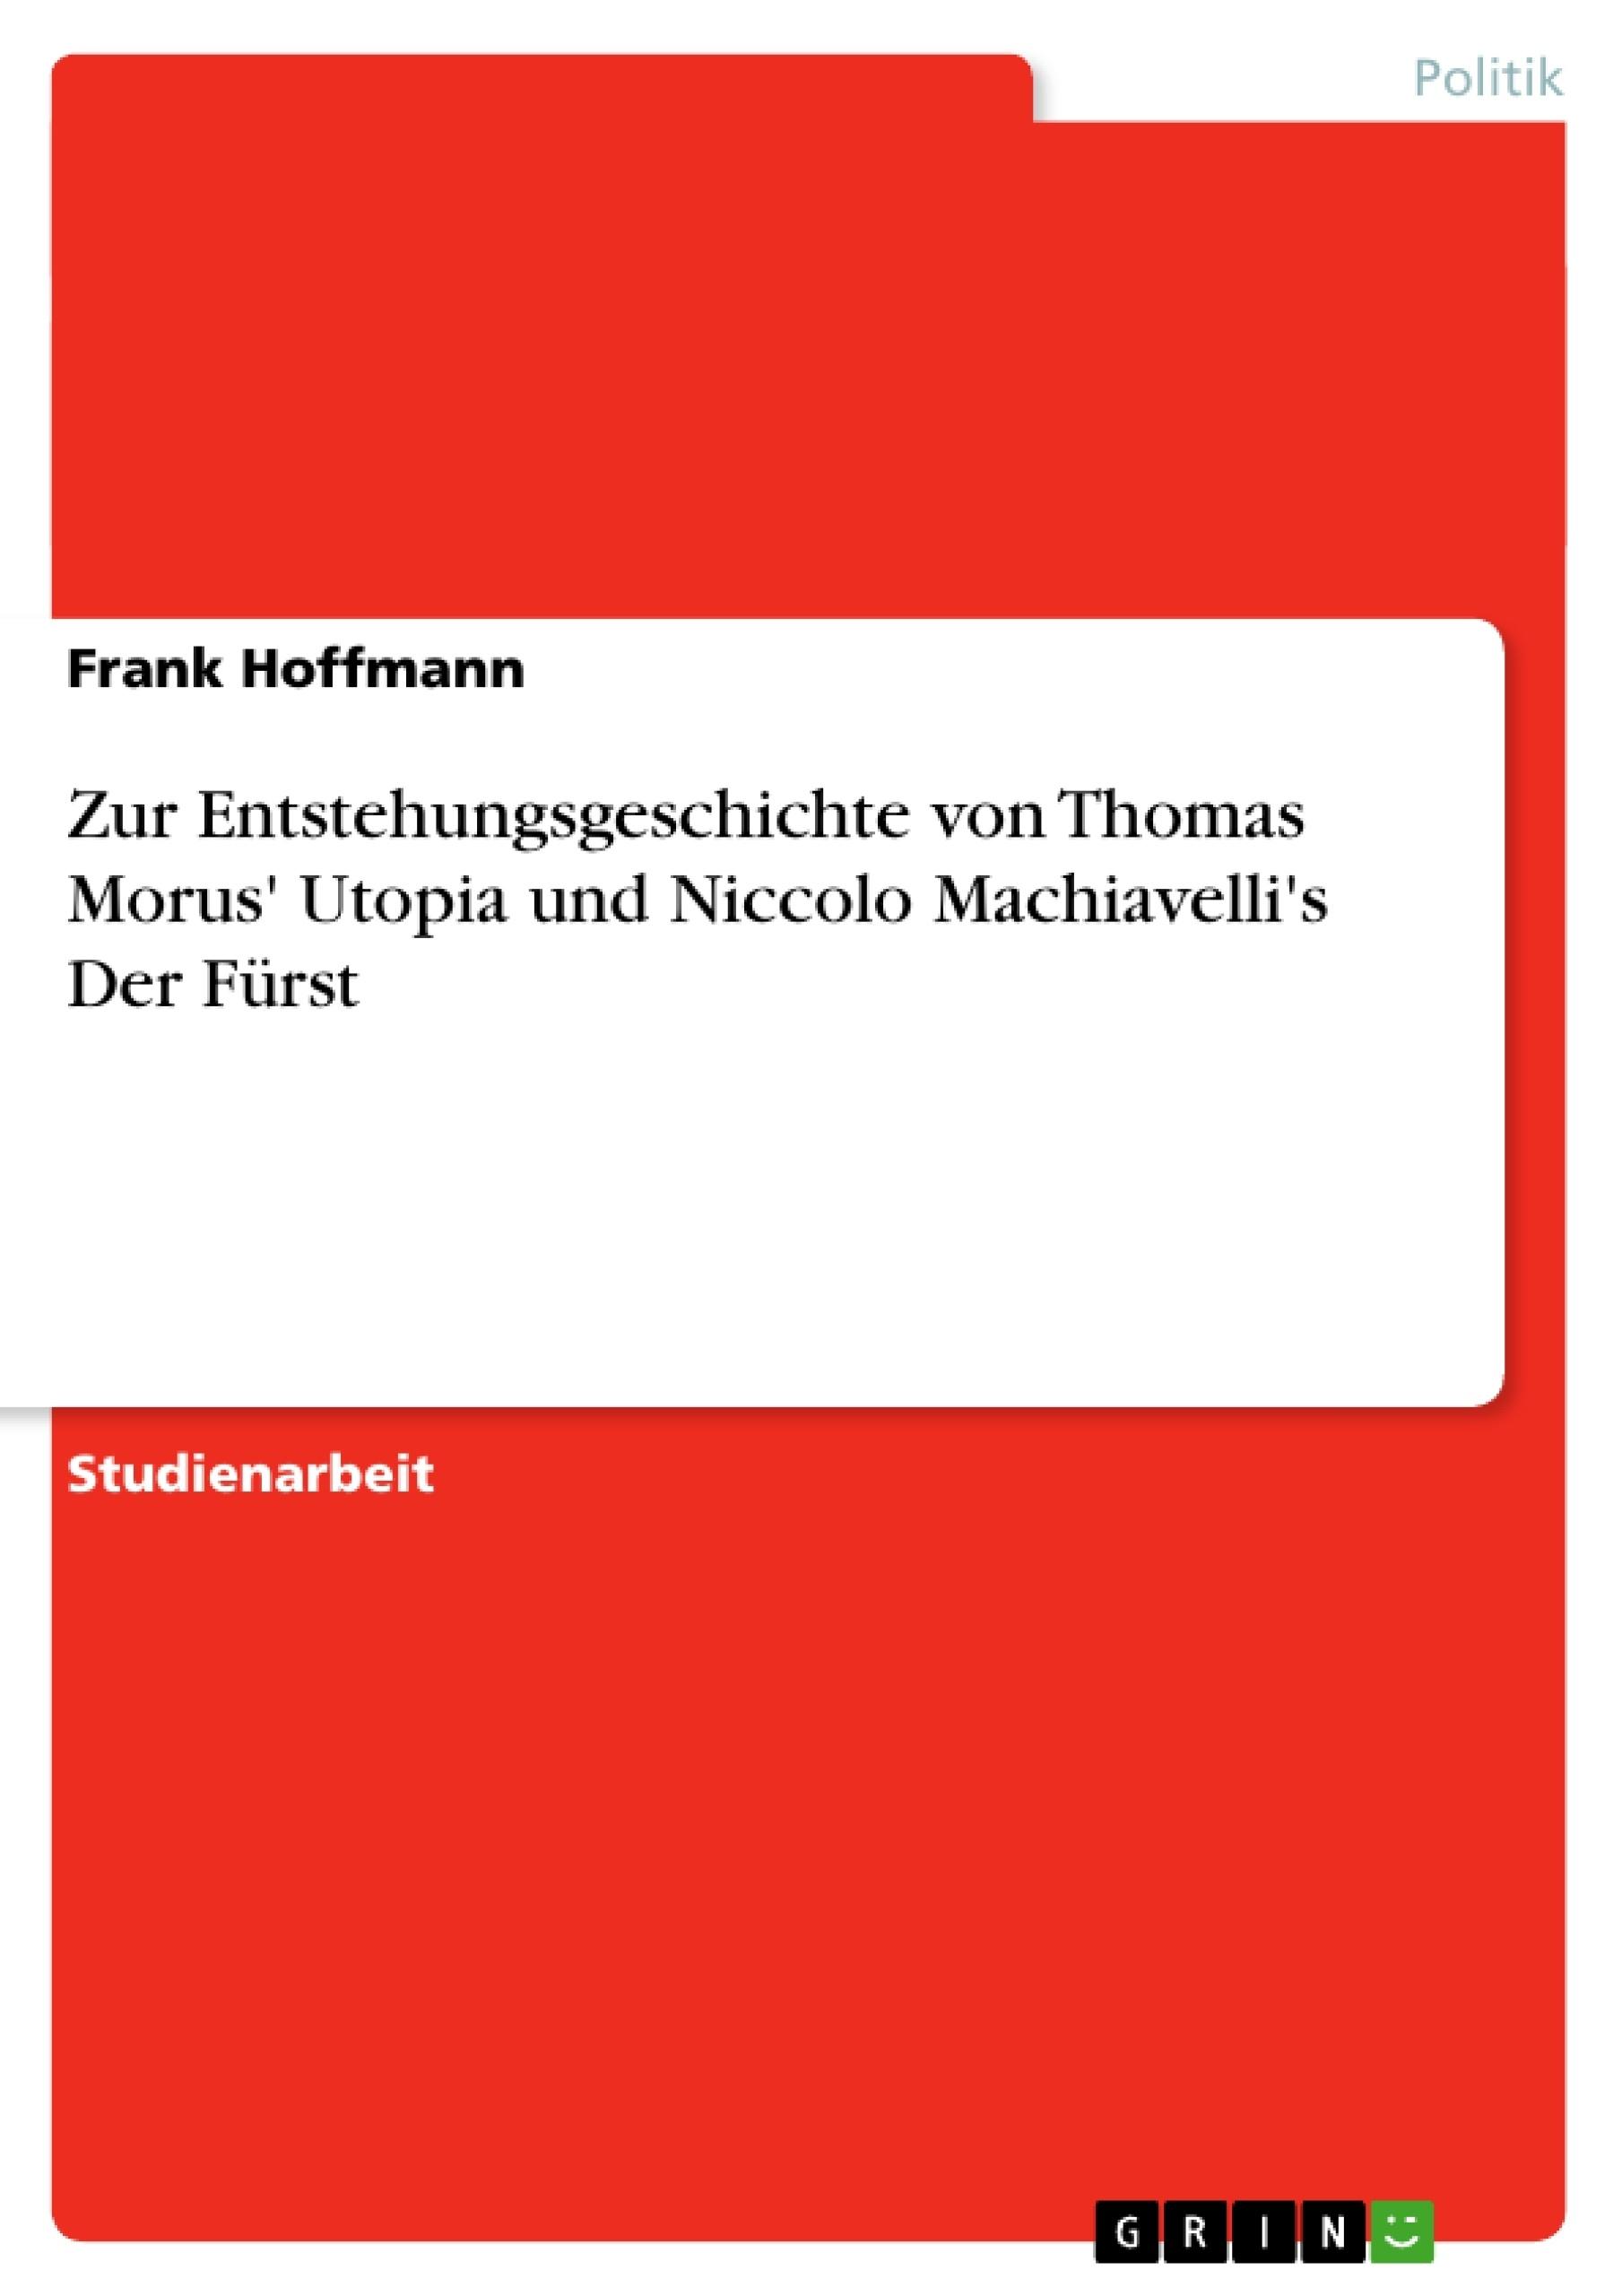 Titel: Zur Entstehungsgeschichte von Thomas Morus' Utopia und Niccolo Machiavelli's Der Fürst